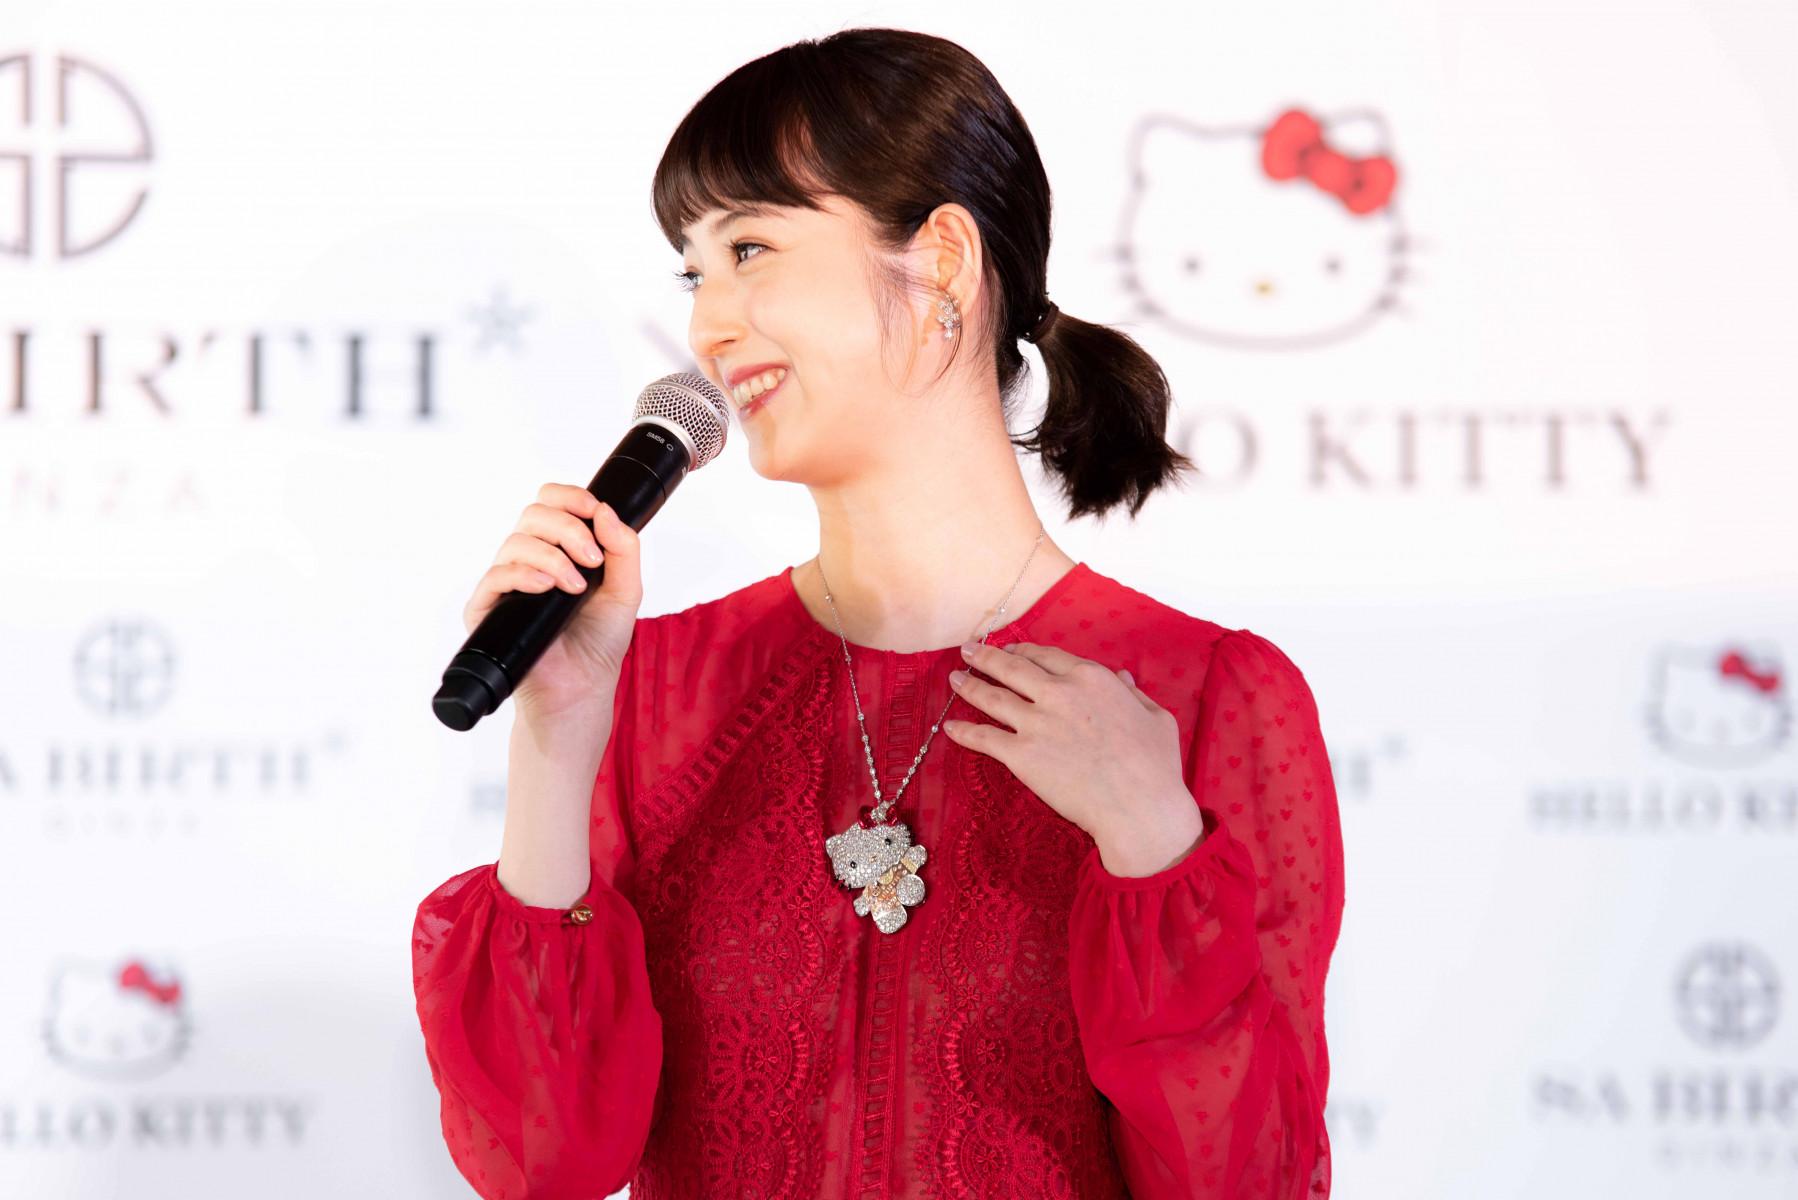 ネックレスについて語る佐々木希さん